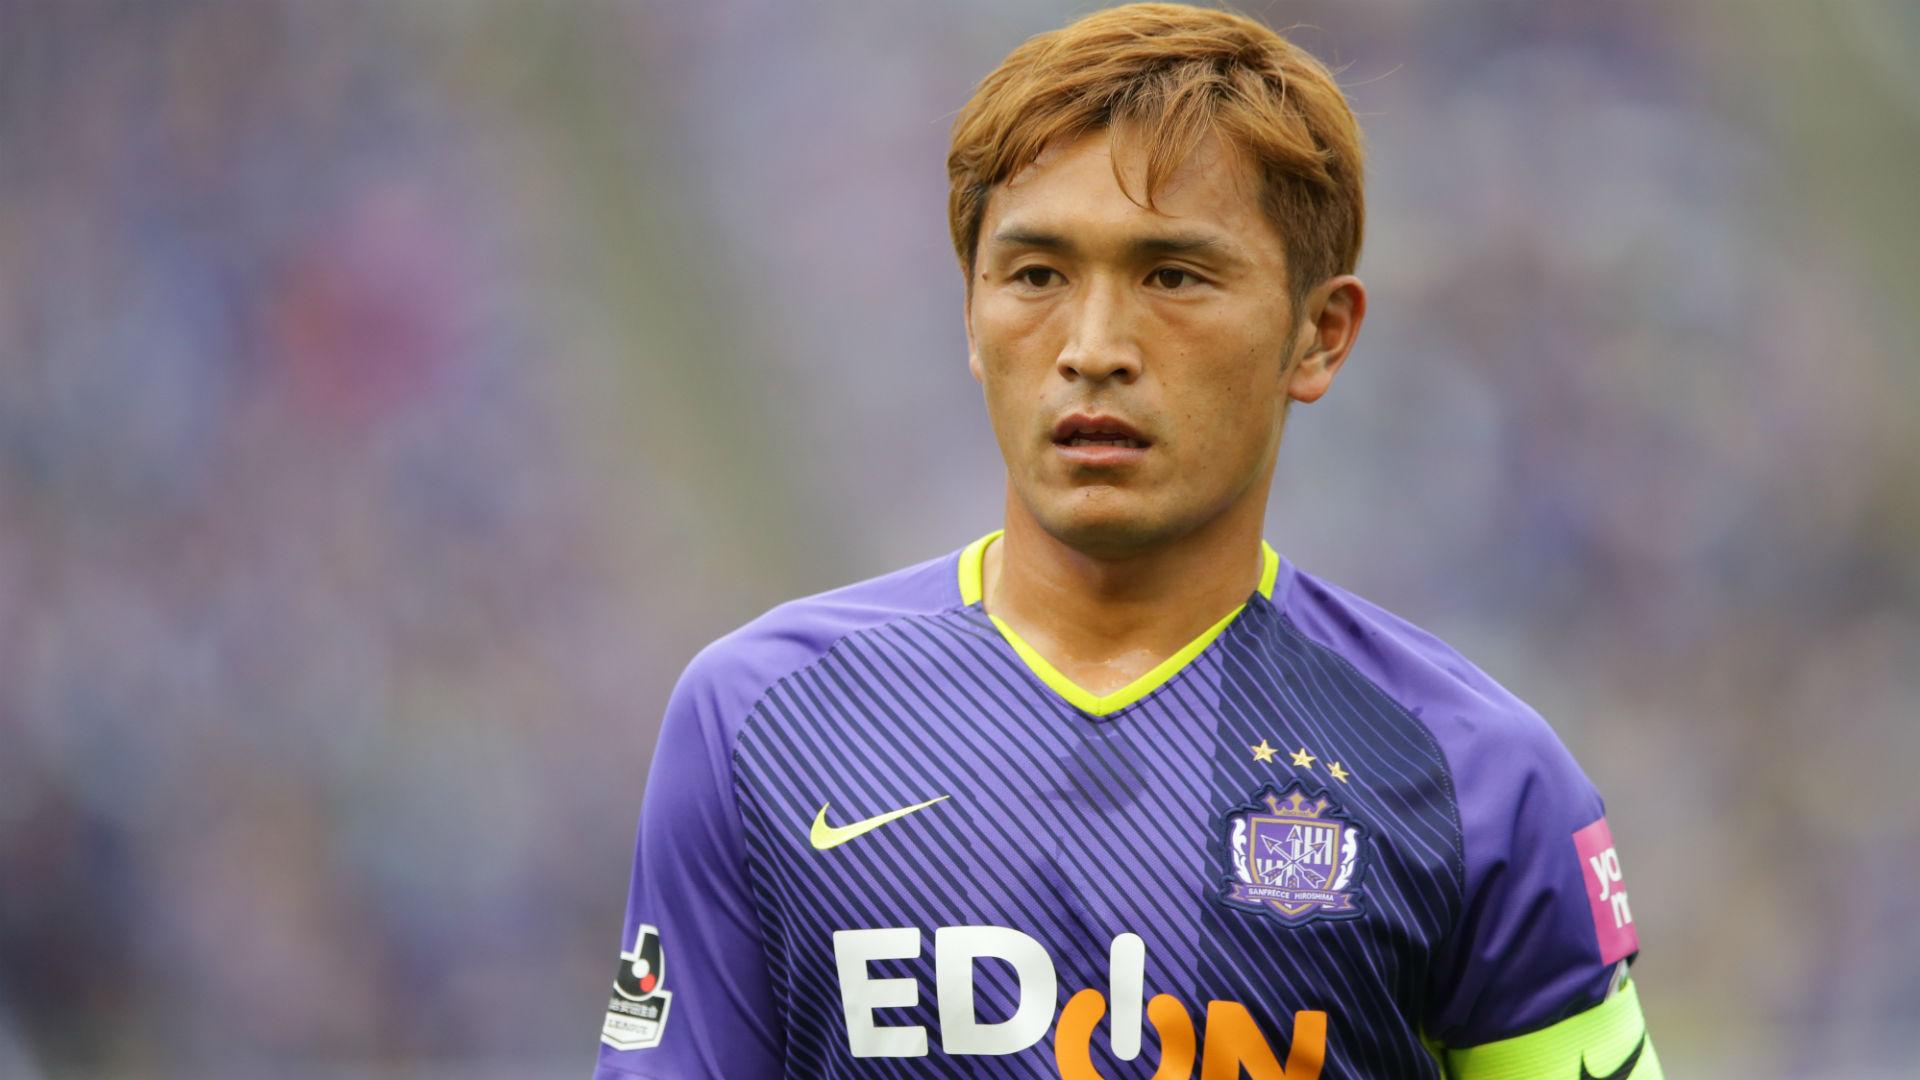 セレッソ大阪 選手